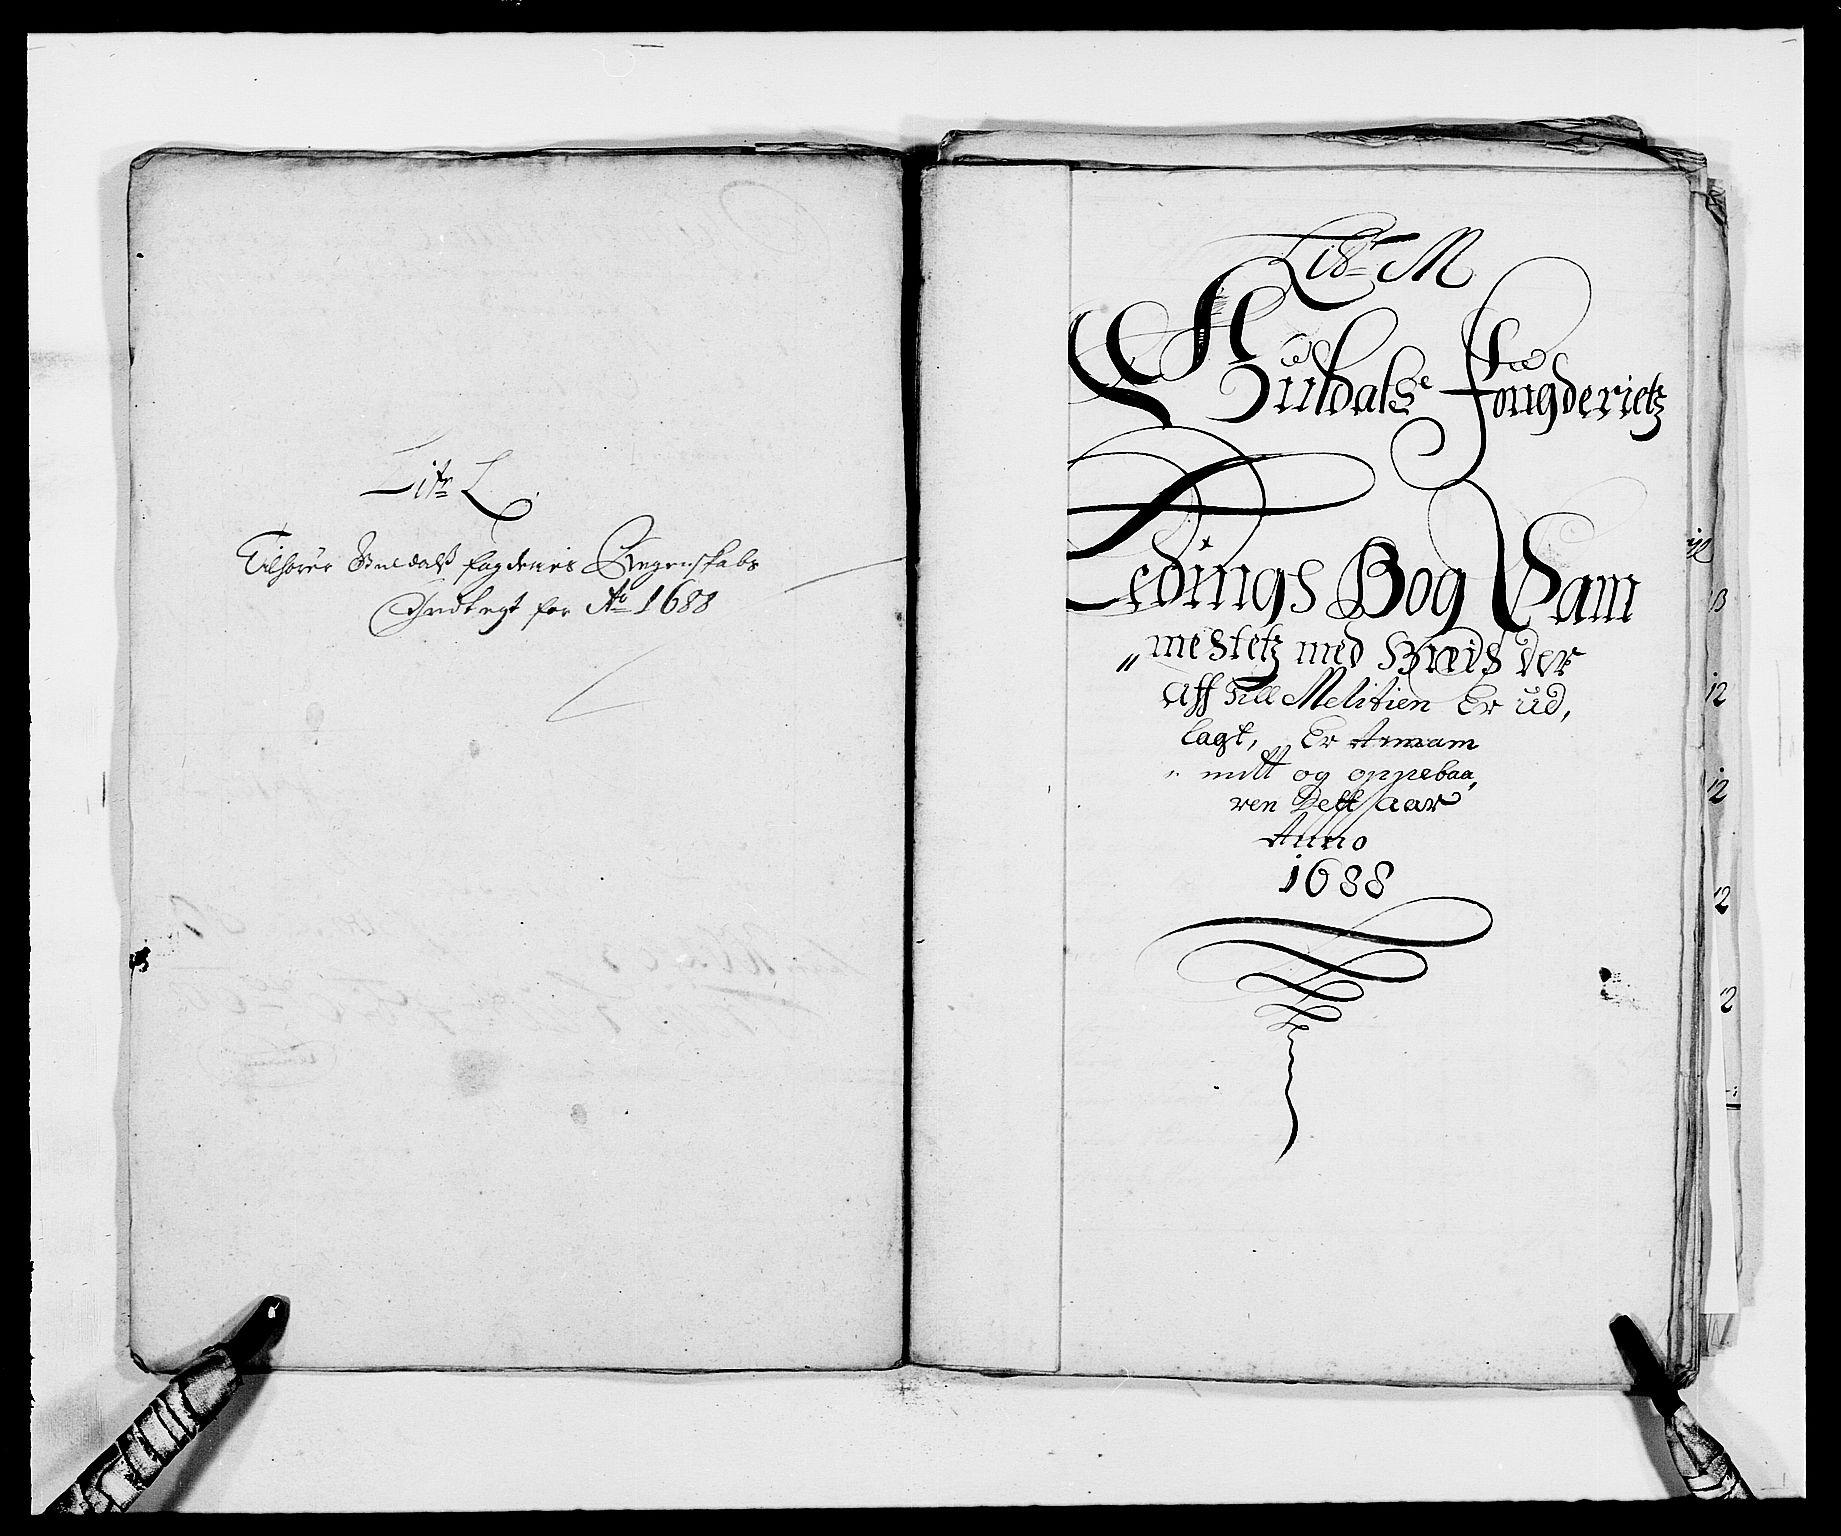 RA, Rentekammeret inntil 1814, Reviderte regnskaper, Fogderegnskap, R59/L3939: Fogderegnskap Gauldal, 1687-1688, s. 263